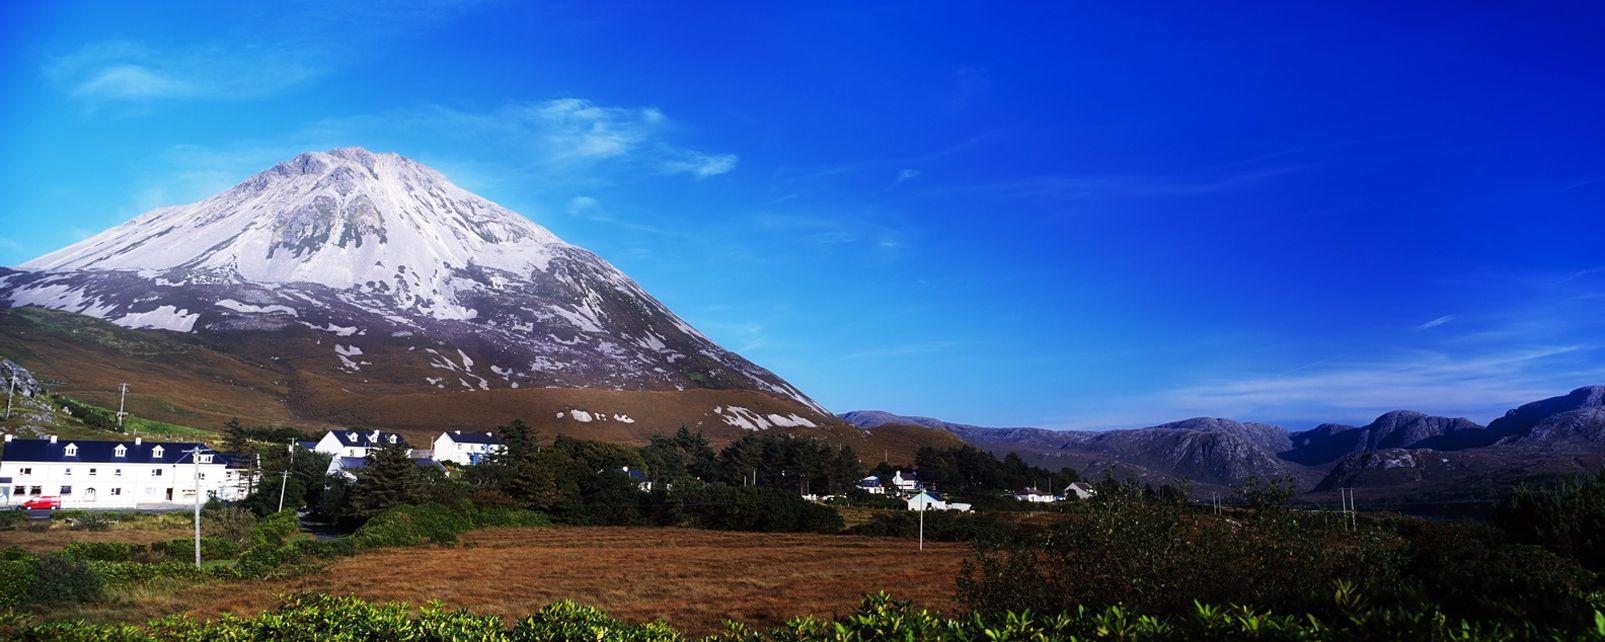 Les monts du Donegal, Irlande, Les monts du Donegal, Les paysages, Irlande